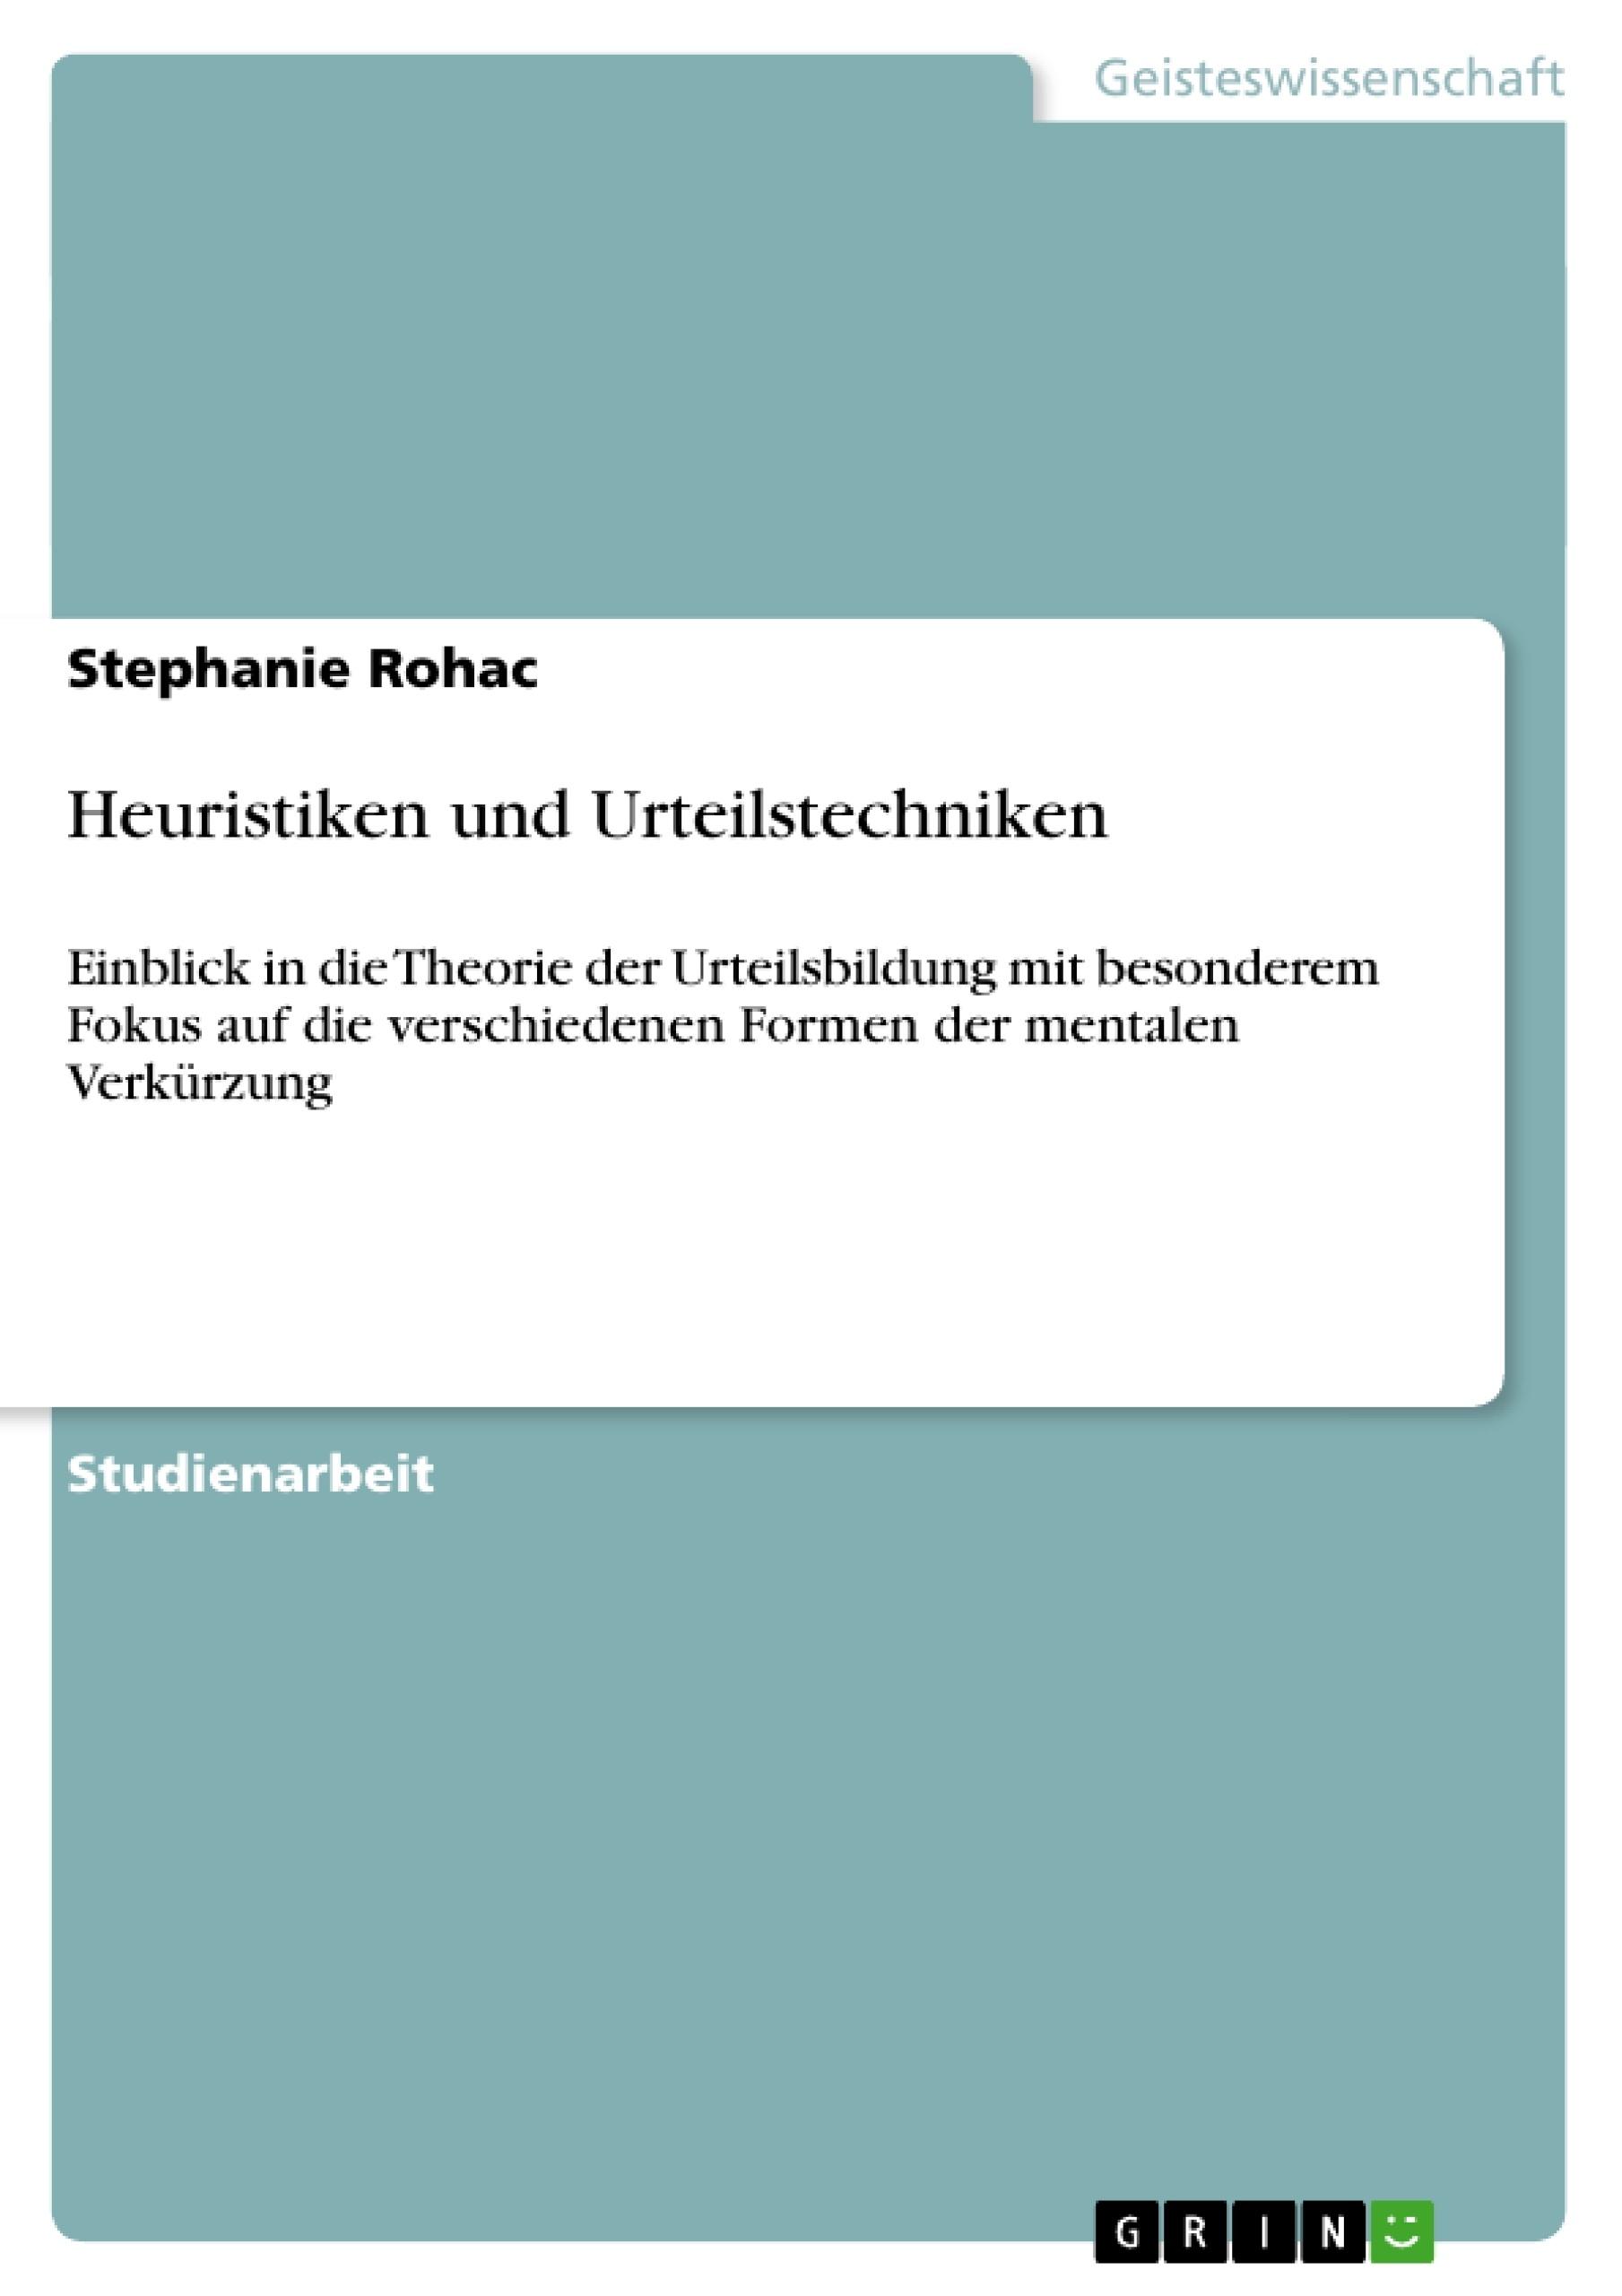 Titel: Heuristiken und Urteilstechniken